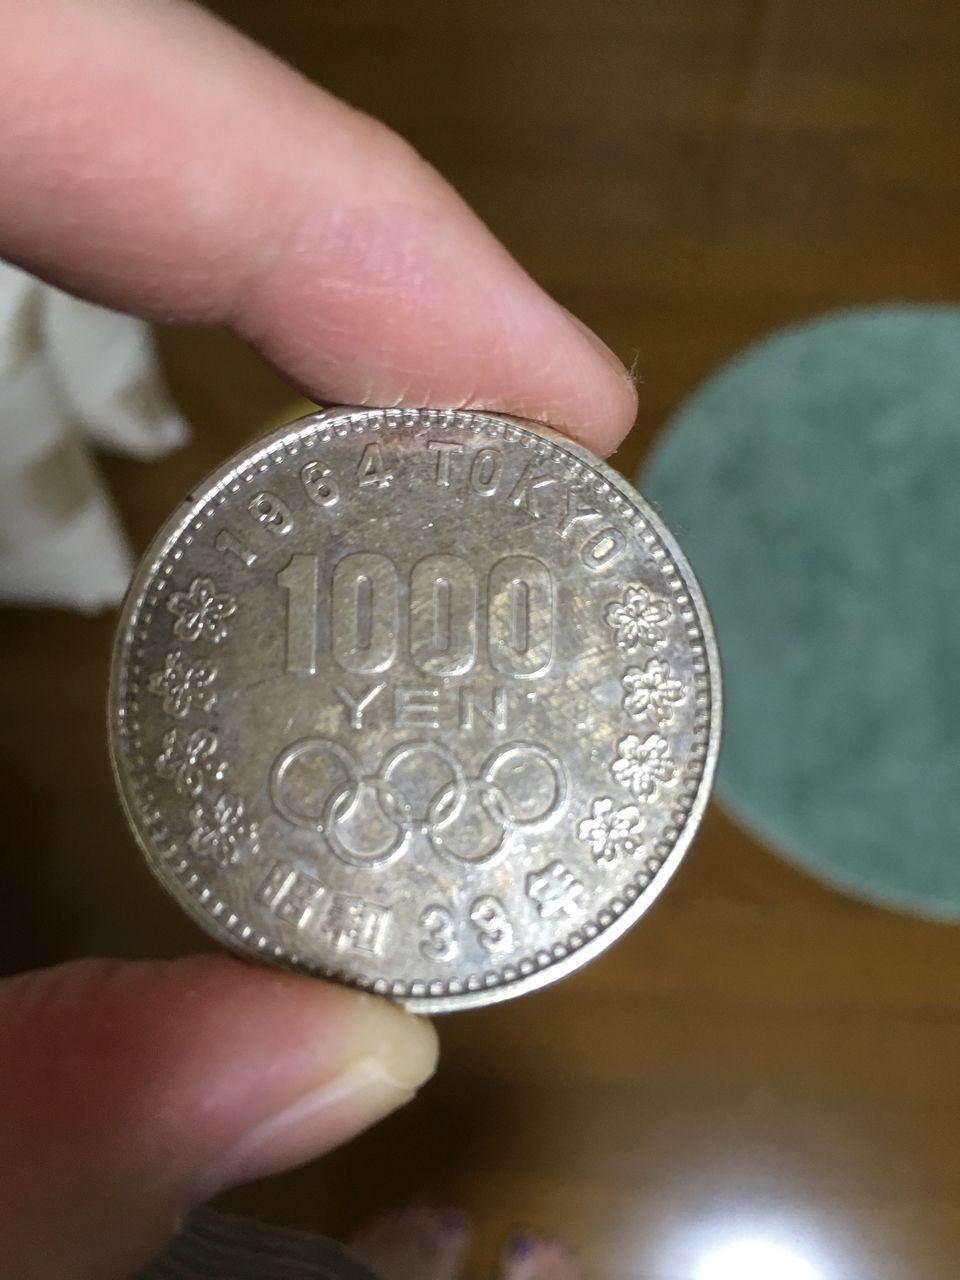 すごいでしょ?!昭和39年の東京オリンピックの1000円記念硬貨持っているんですーー!!ずっと使わずに持ってます。もちろんこのころに産まれておりませんww(私は昭和51年生まれです。ロッキード事件の年です。…